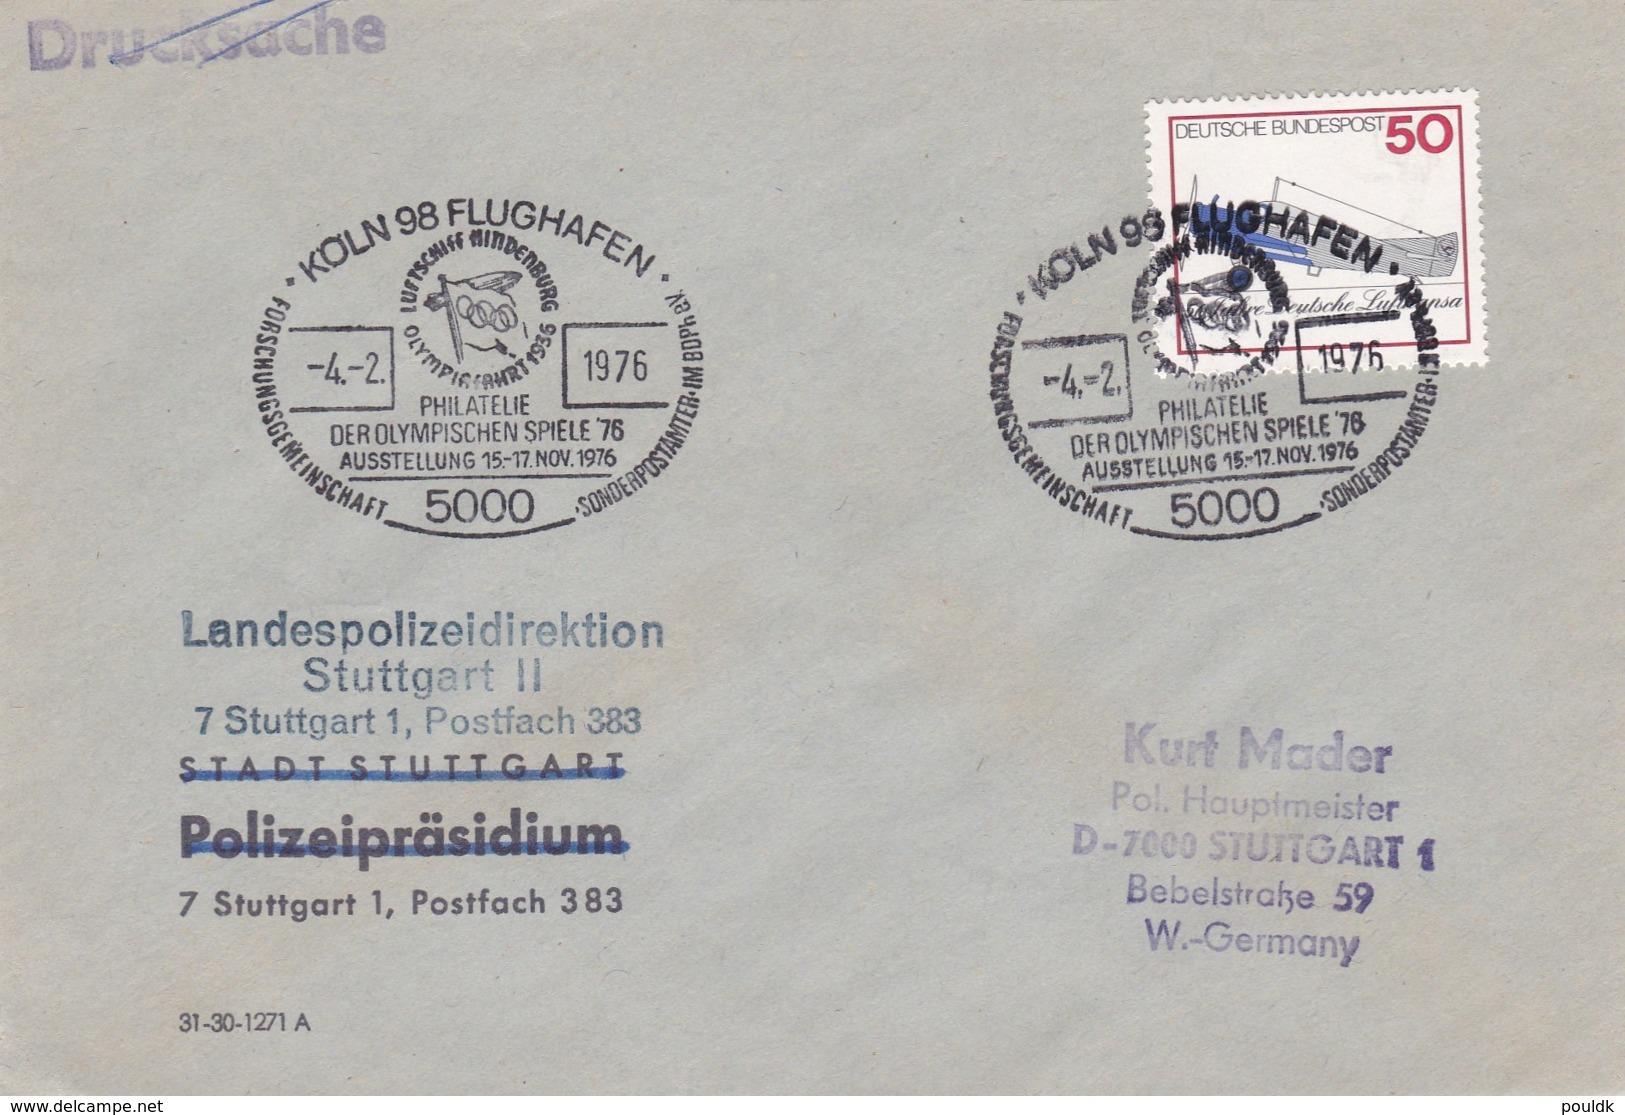 Cover From Kandespolizeidirektion Stuttgart II Posted Köln 98 Flughafen 1976 Philatelie Der Olympischen Spiele (G91-52) - Police - Gendarmerie